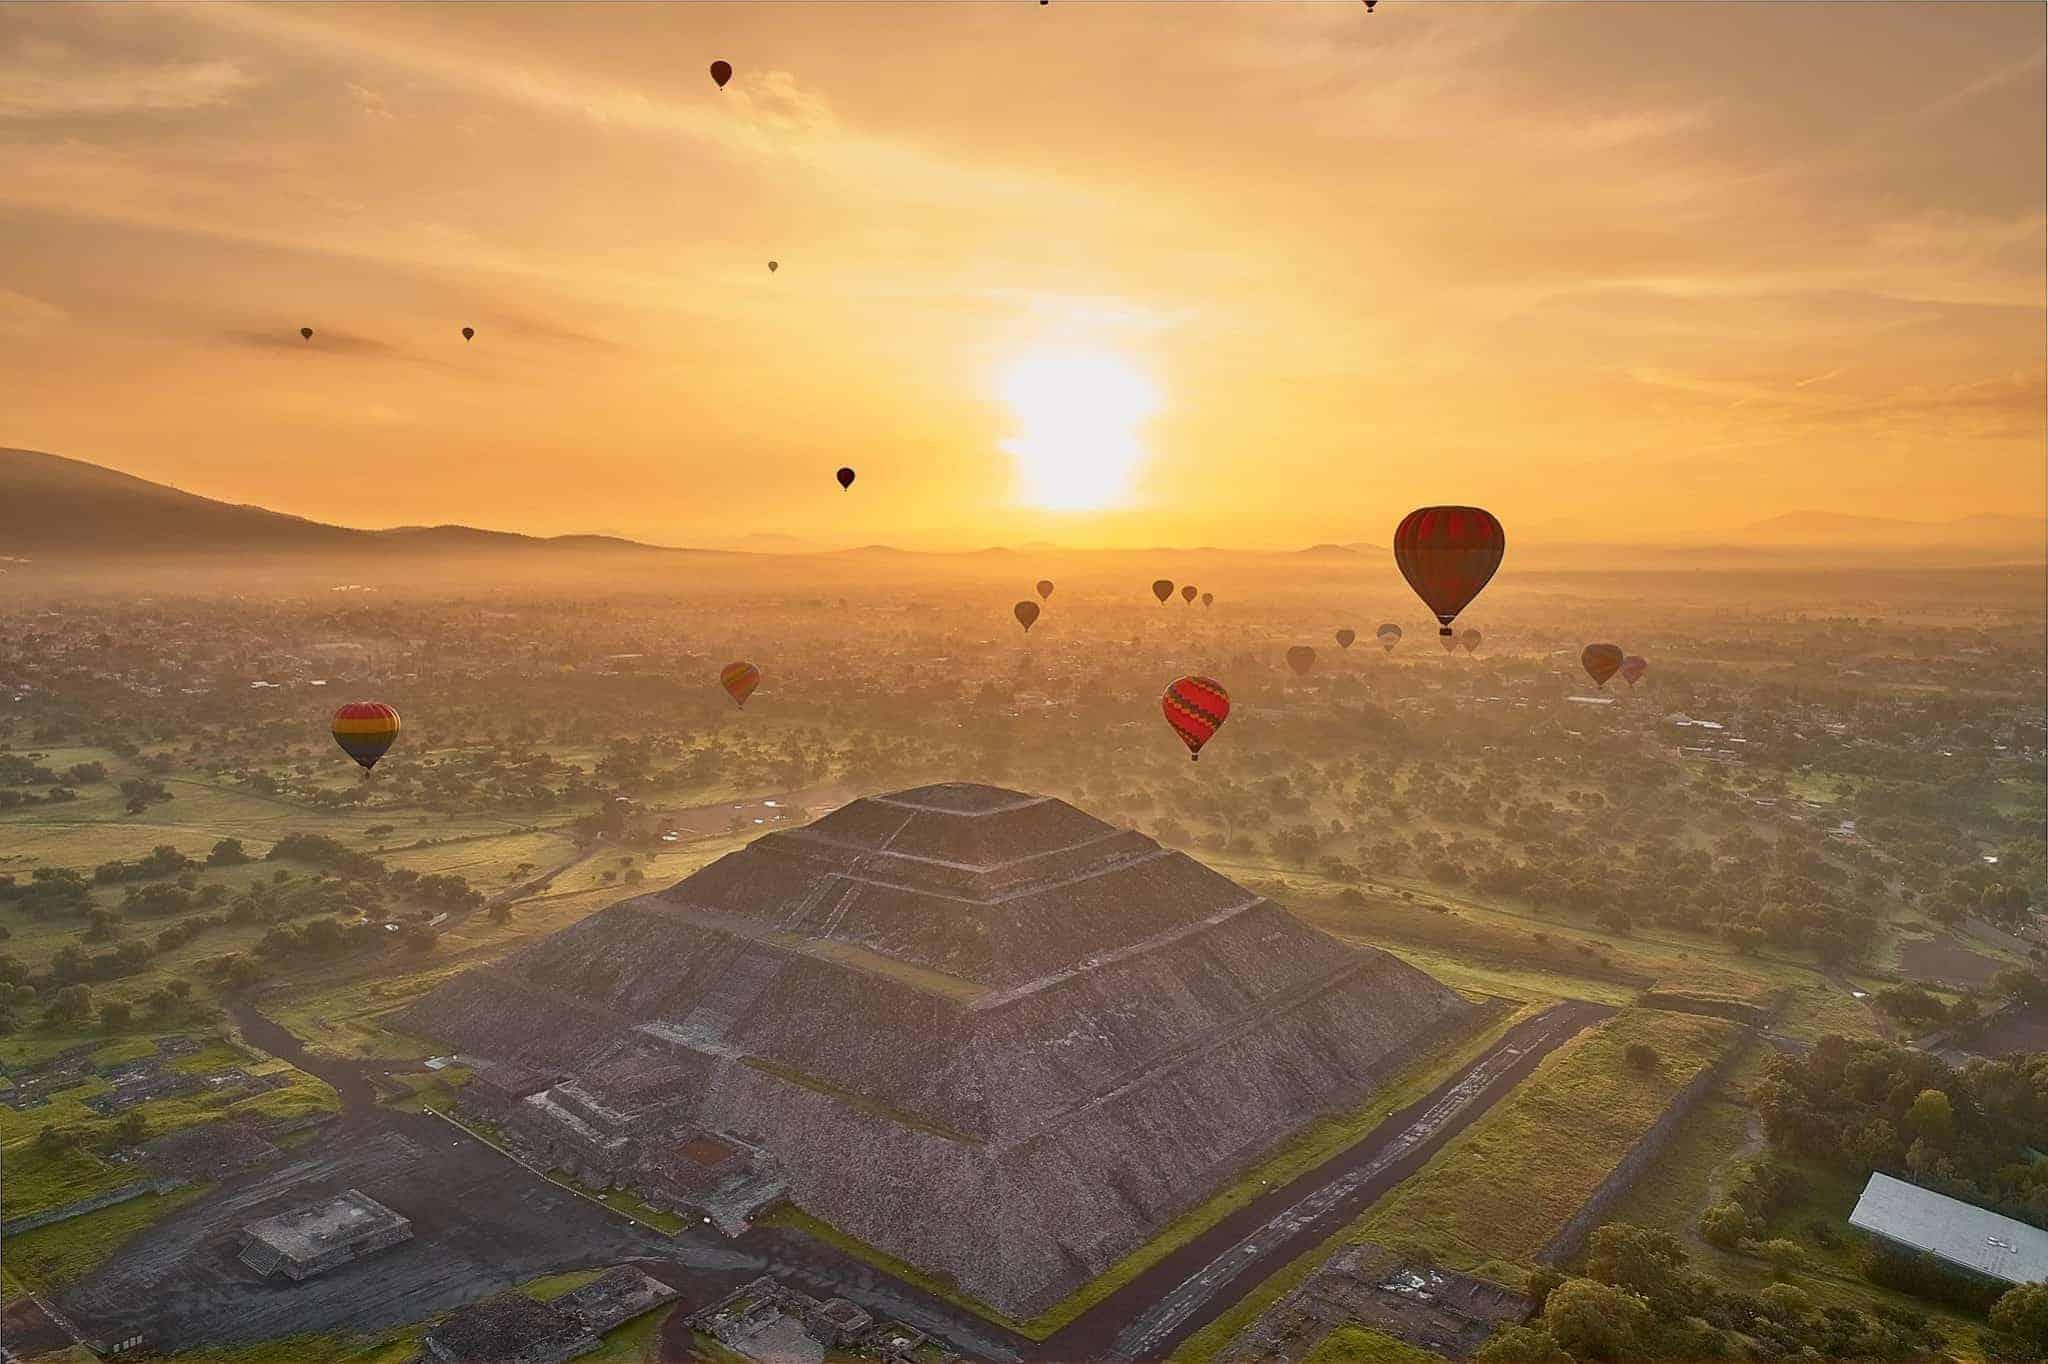 reservar un vuelo en globo aerostático en Teotihuacán